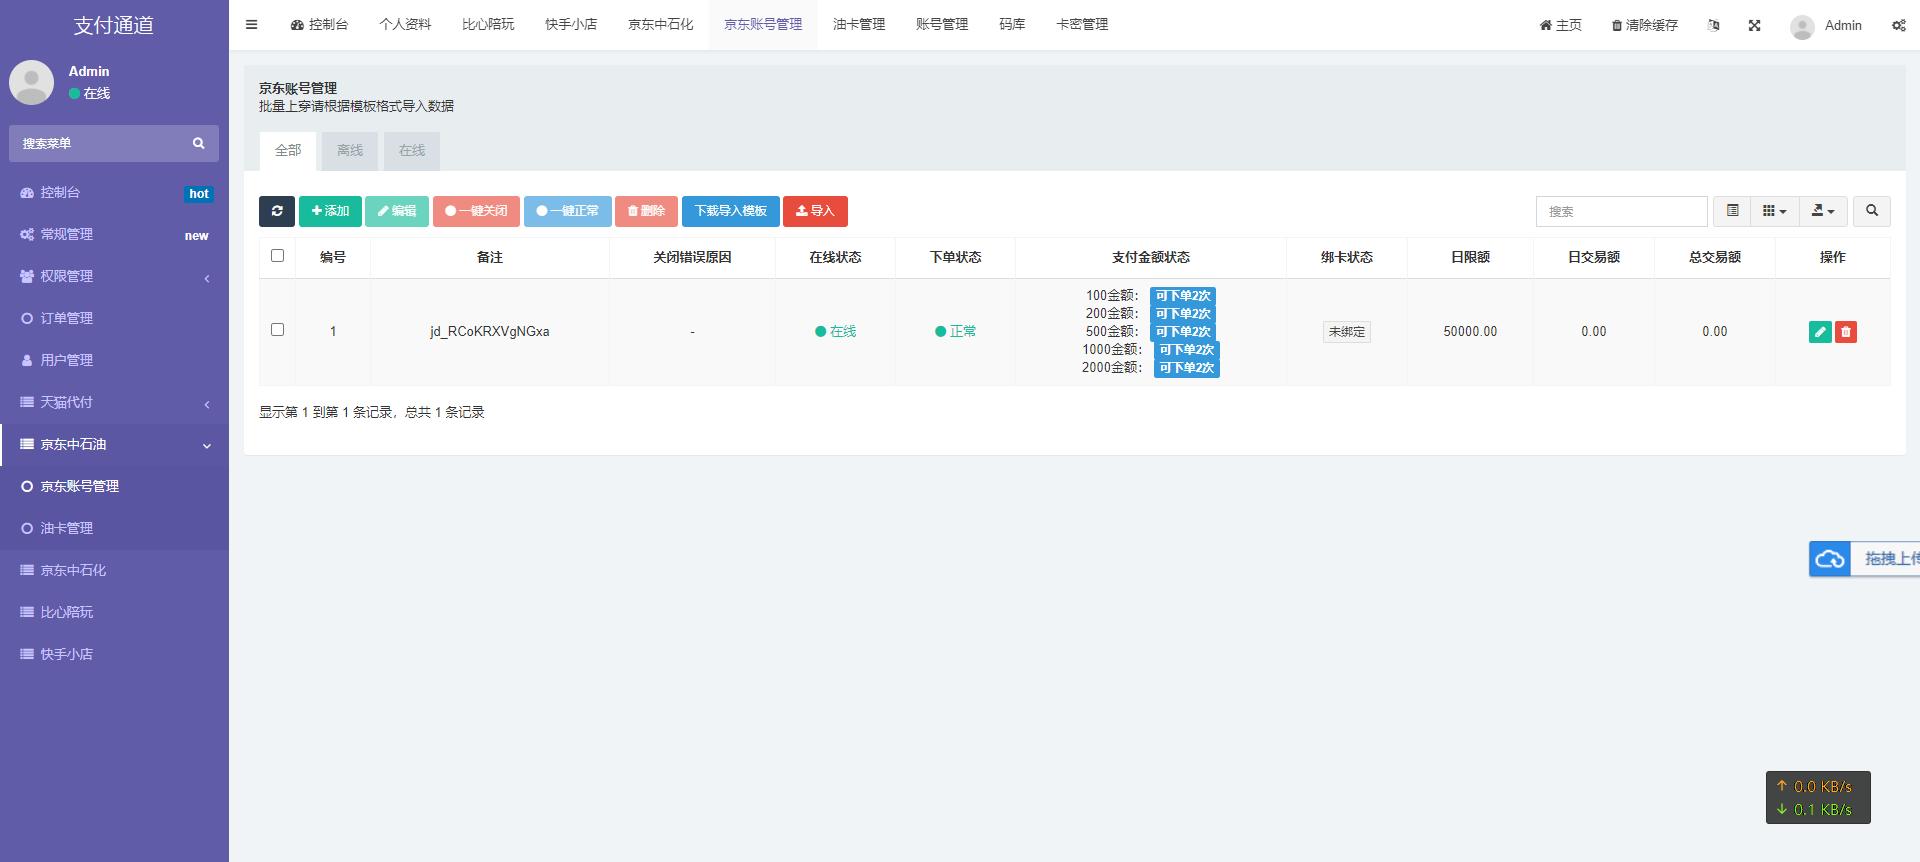 亲测丨淘宝天猫代付系统丨京东油卡卡密系统丨聚合支付系统网站源码下载